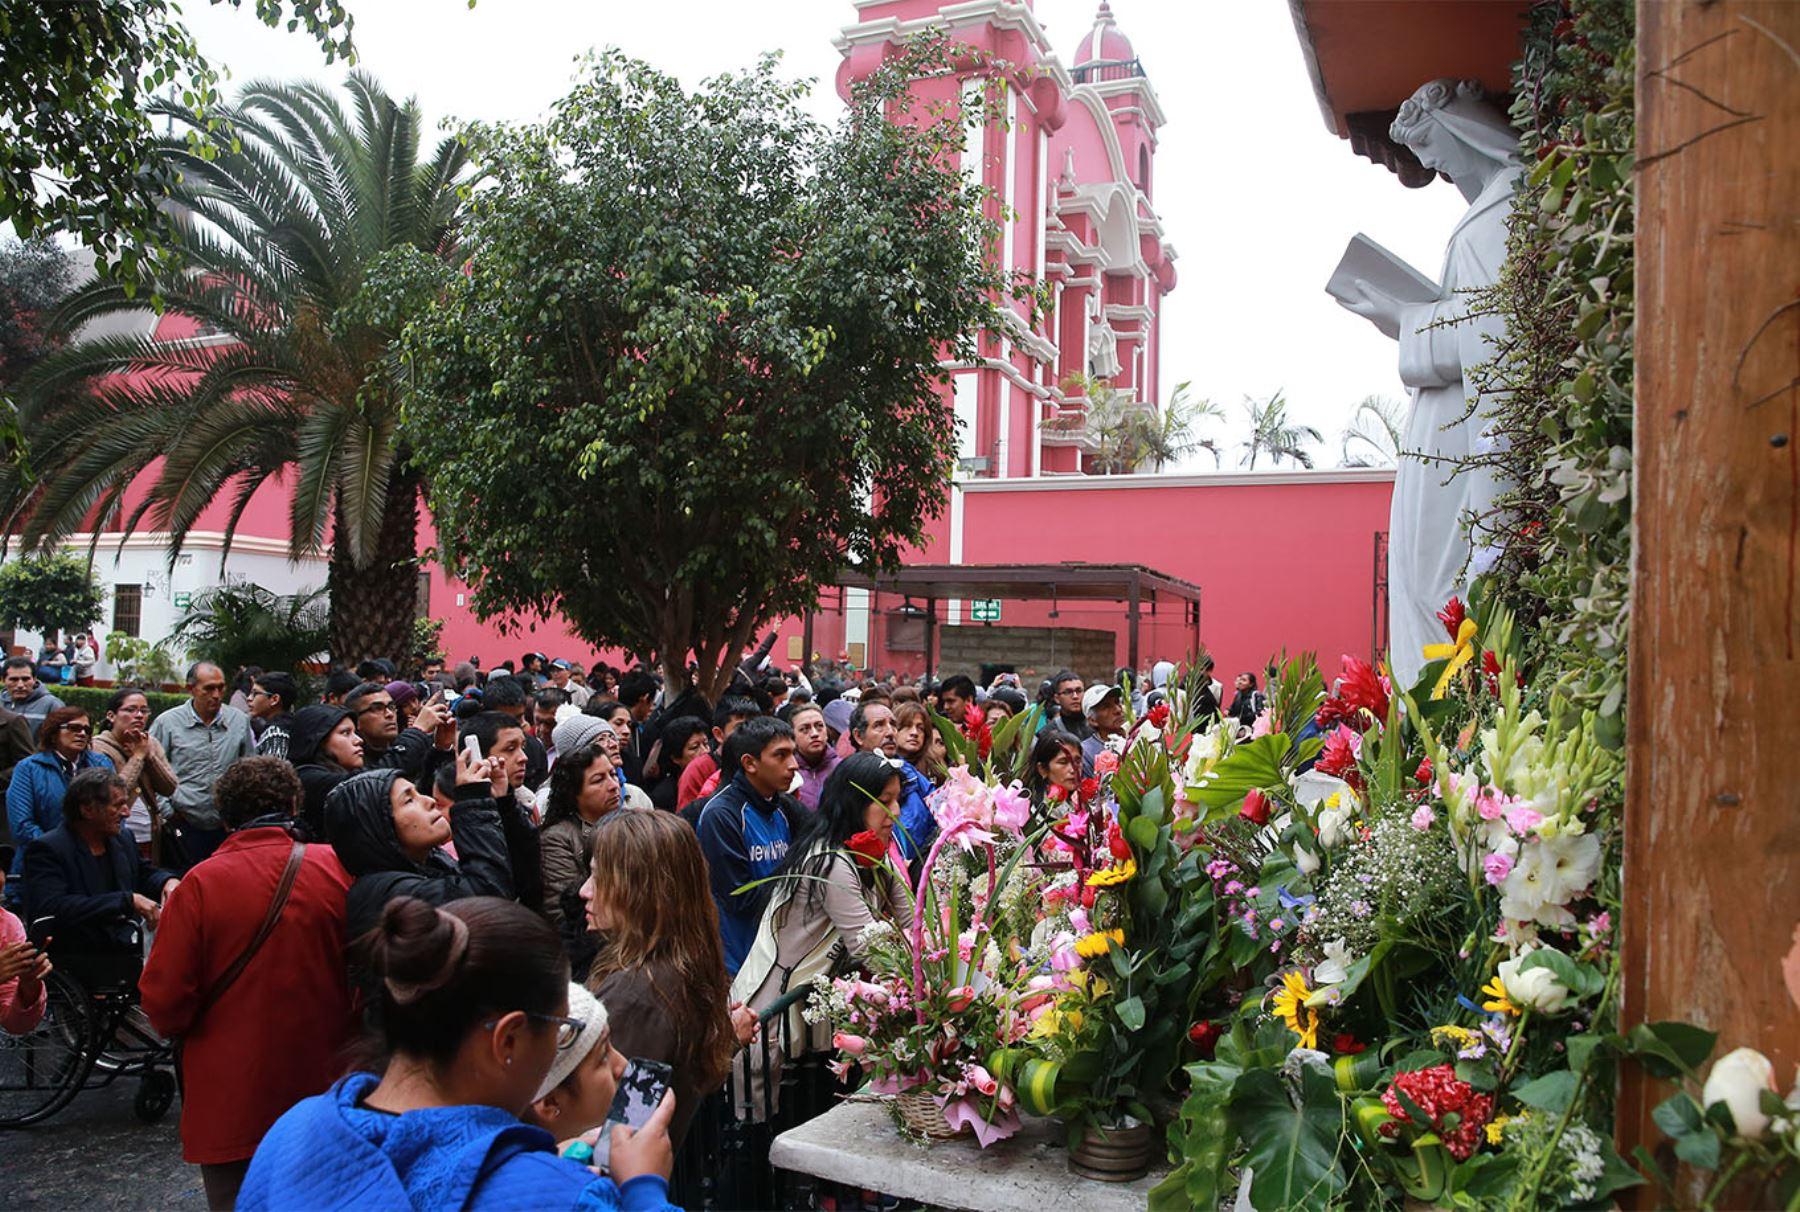 LIMA PERÚ, AGOSTO 30. Miles de fieles se aglomeran en el santuario de Santa Rosa de Lima, en la primera cuadra de la avenida Tacna, para dejar sus cartas en el tradicional pozo de los deseos y rendir homenaje a la santa limeña en su día. Foto: ANDINA/Jhony Laurente